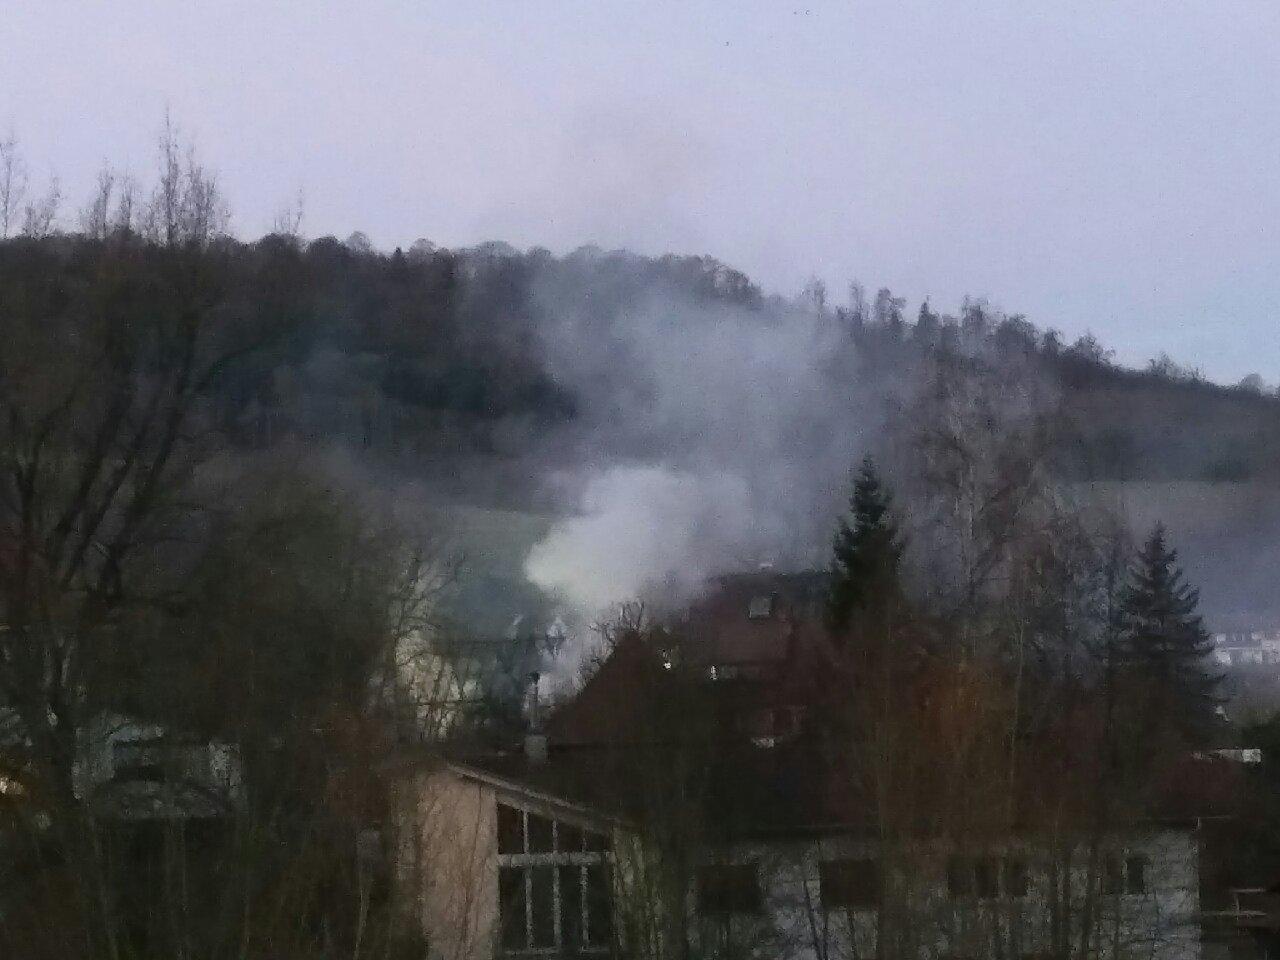 Merzhausen-freiburg-scheune-brand